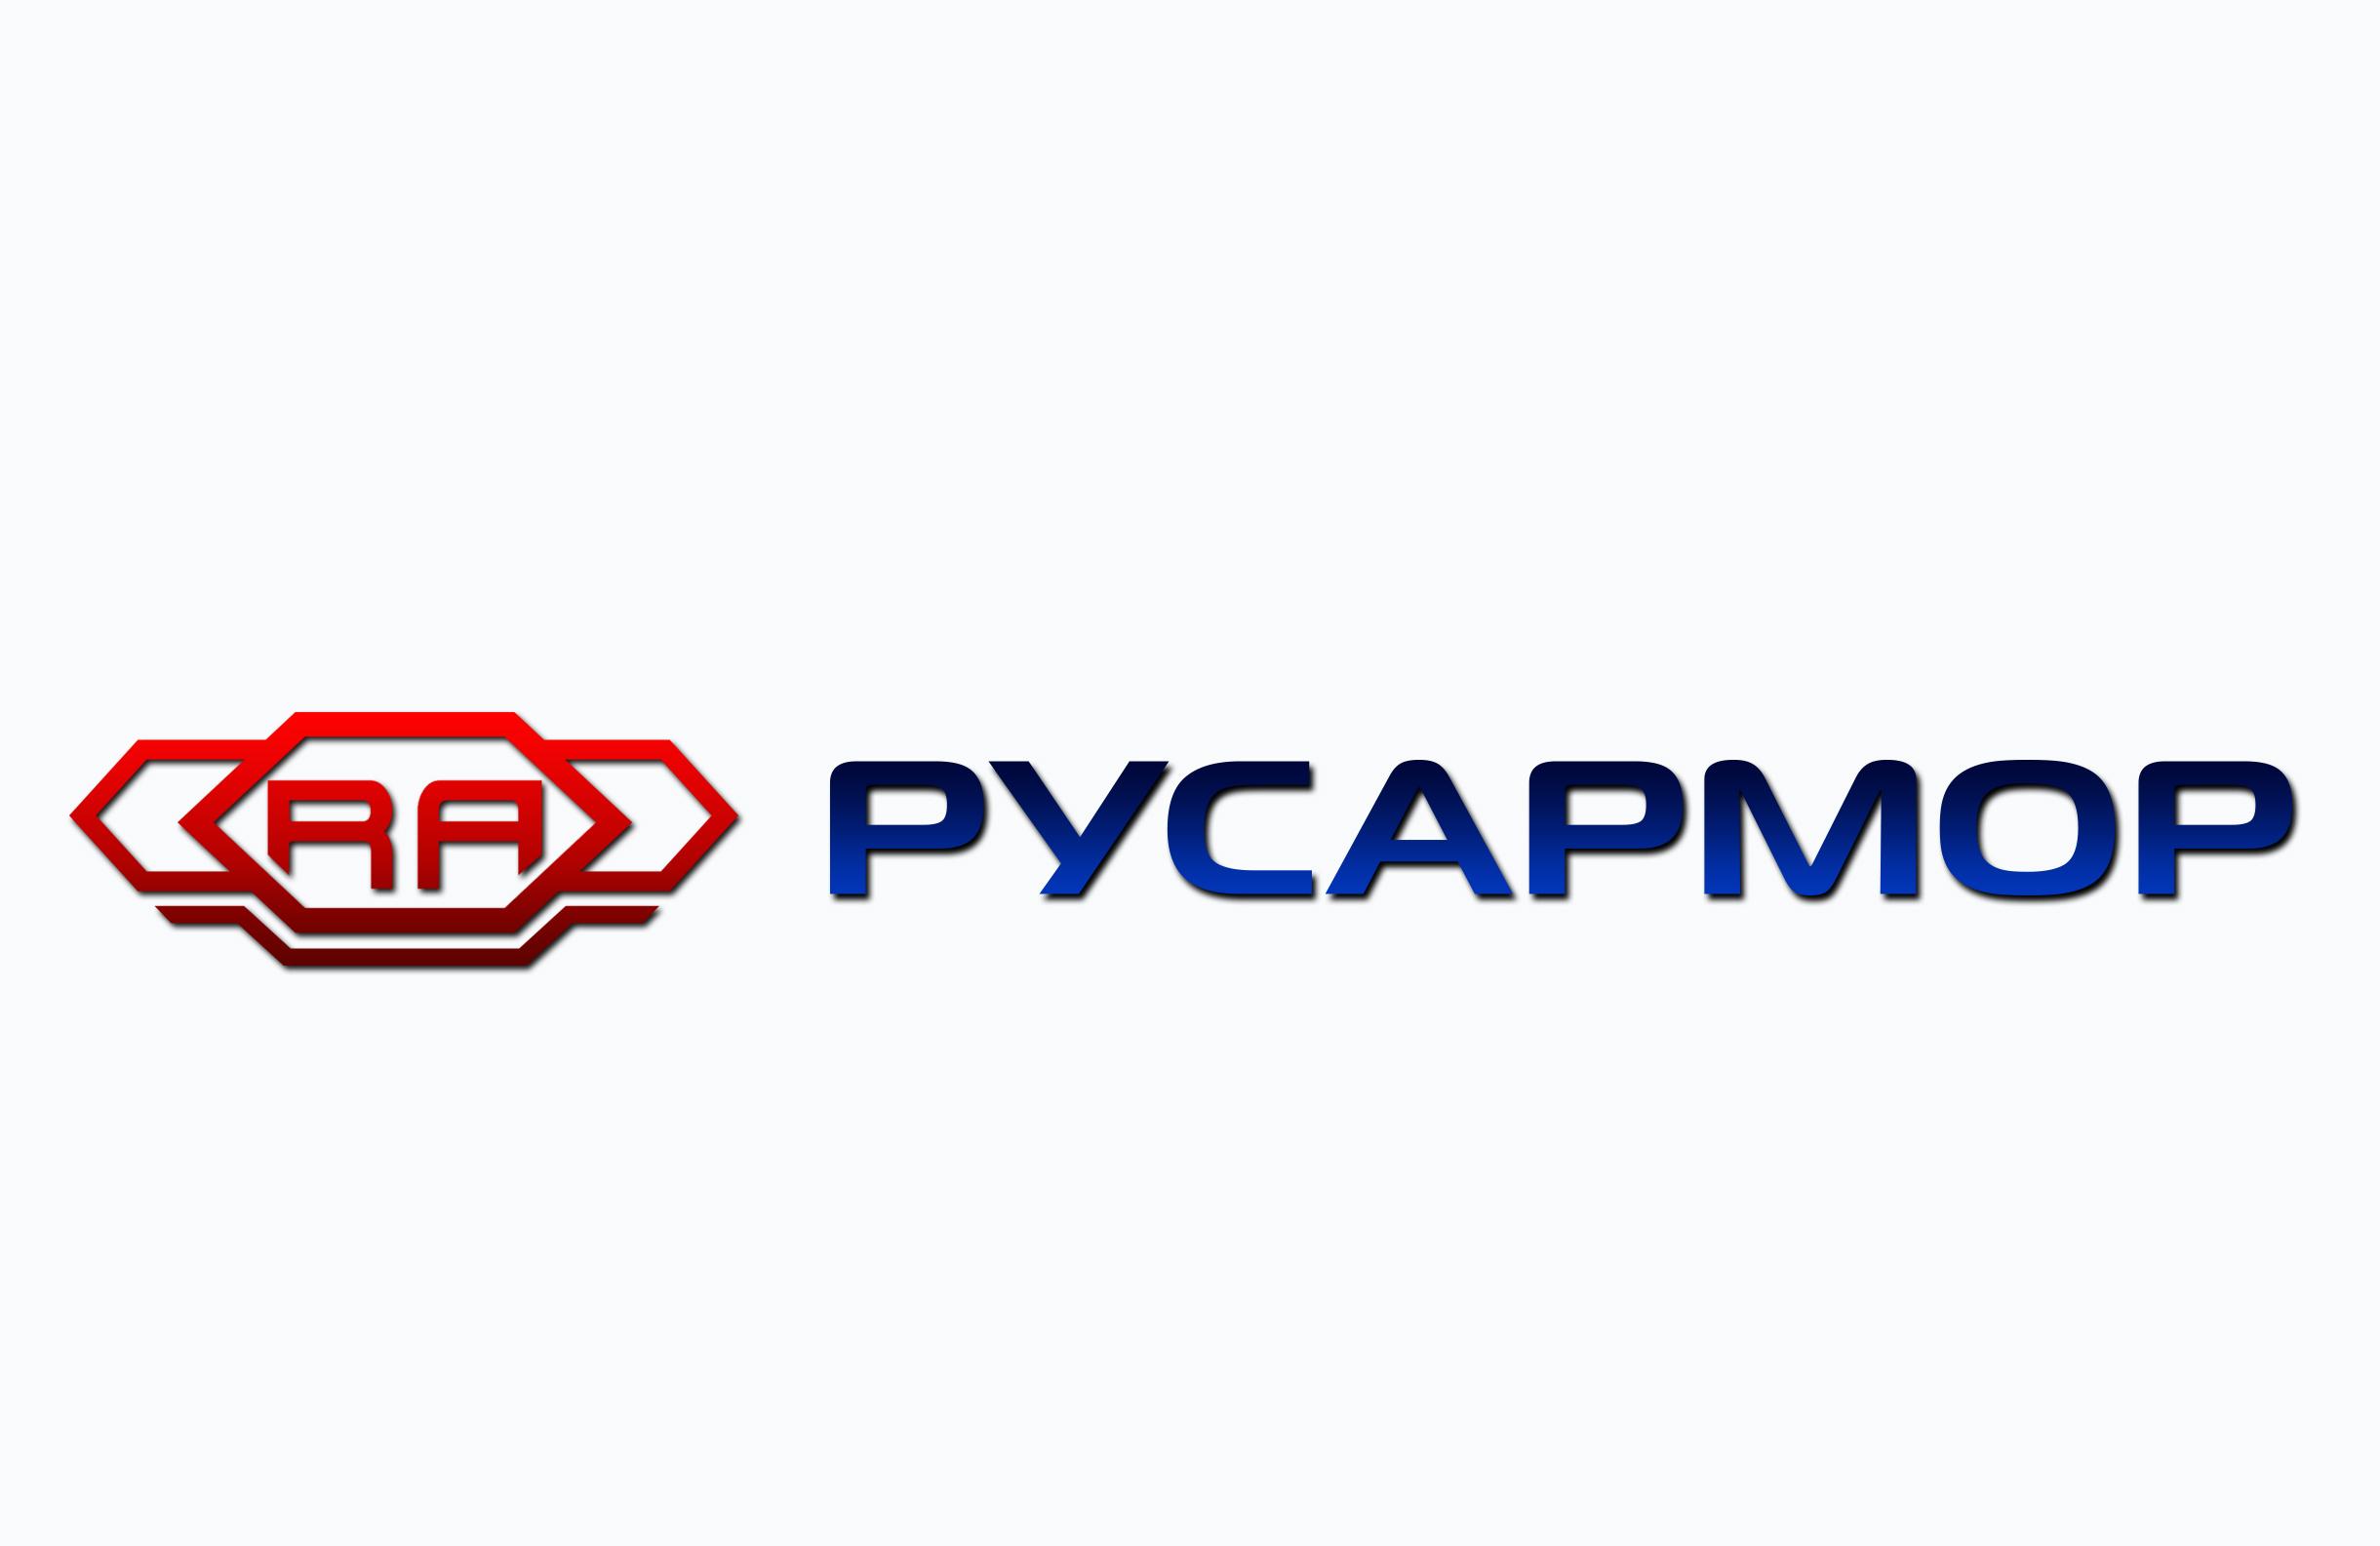 Разработка логотипа технологического стартапа РУСАРМОР фото f_7415a0f489faf872.jpg